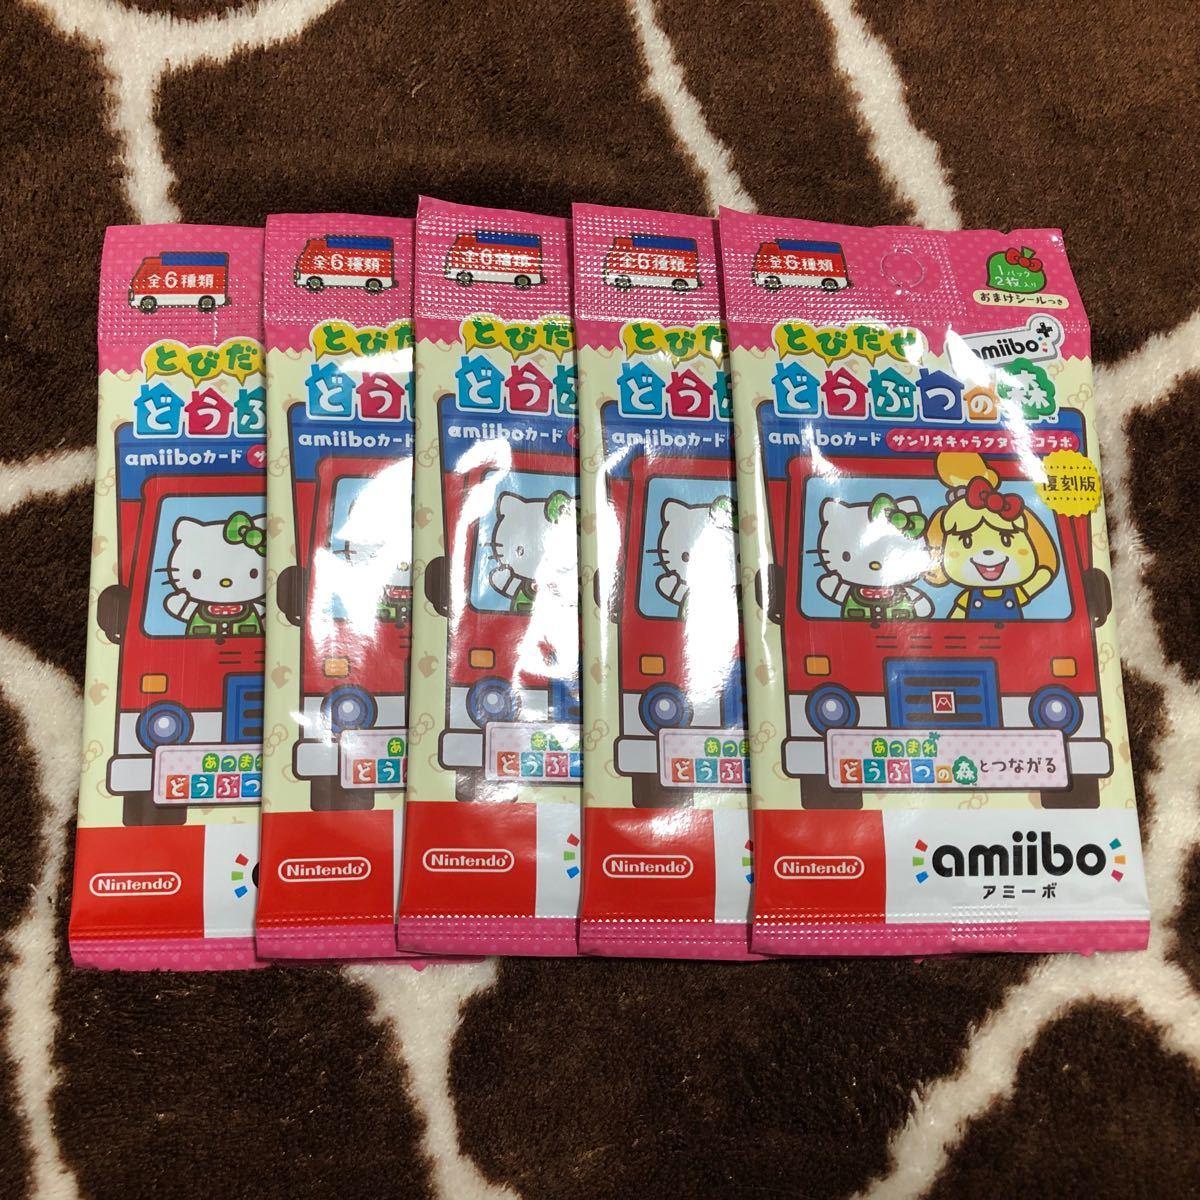 amiiboカード サンリオキャラクターズ とびだせどうぶつの森amiibo+